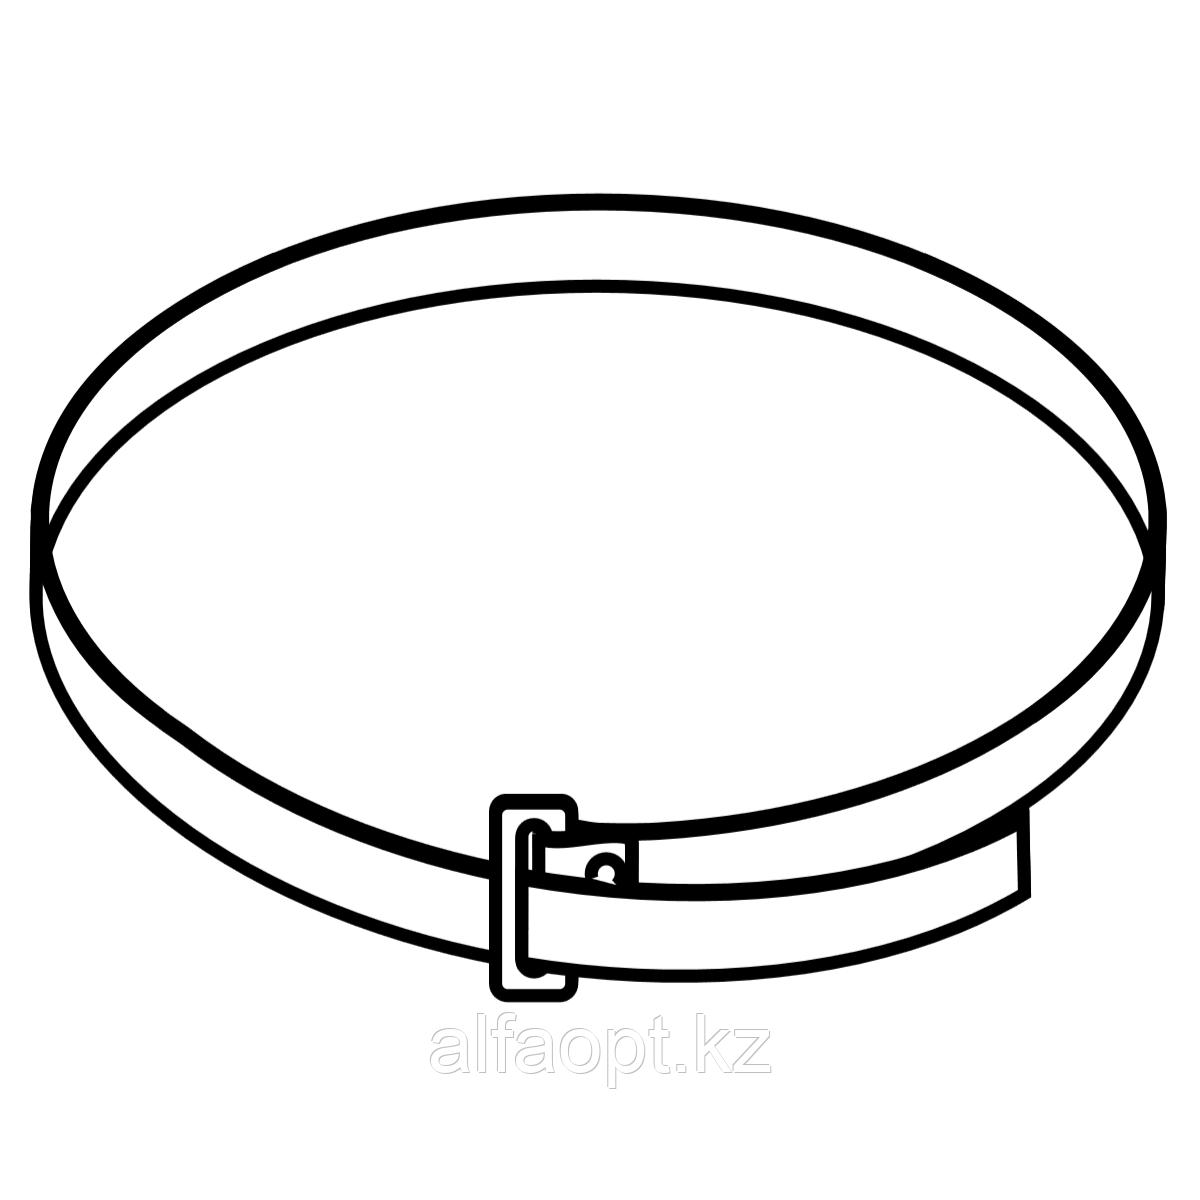 Хомут для крепления кронштейнов к трубе PB2400